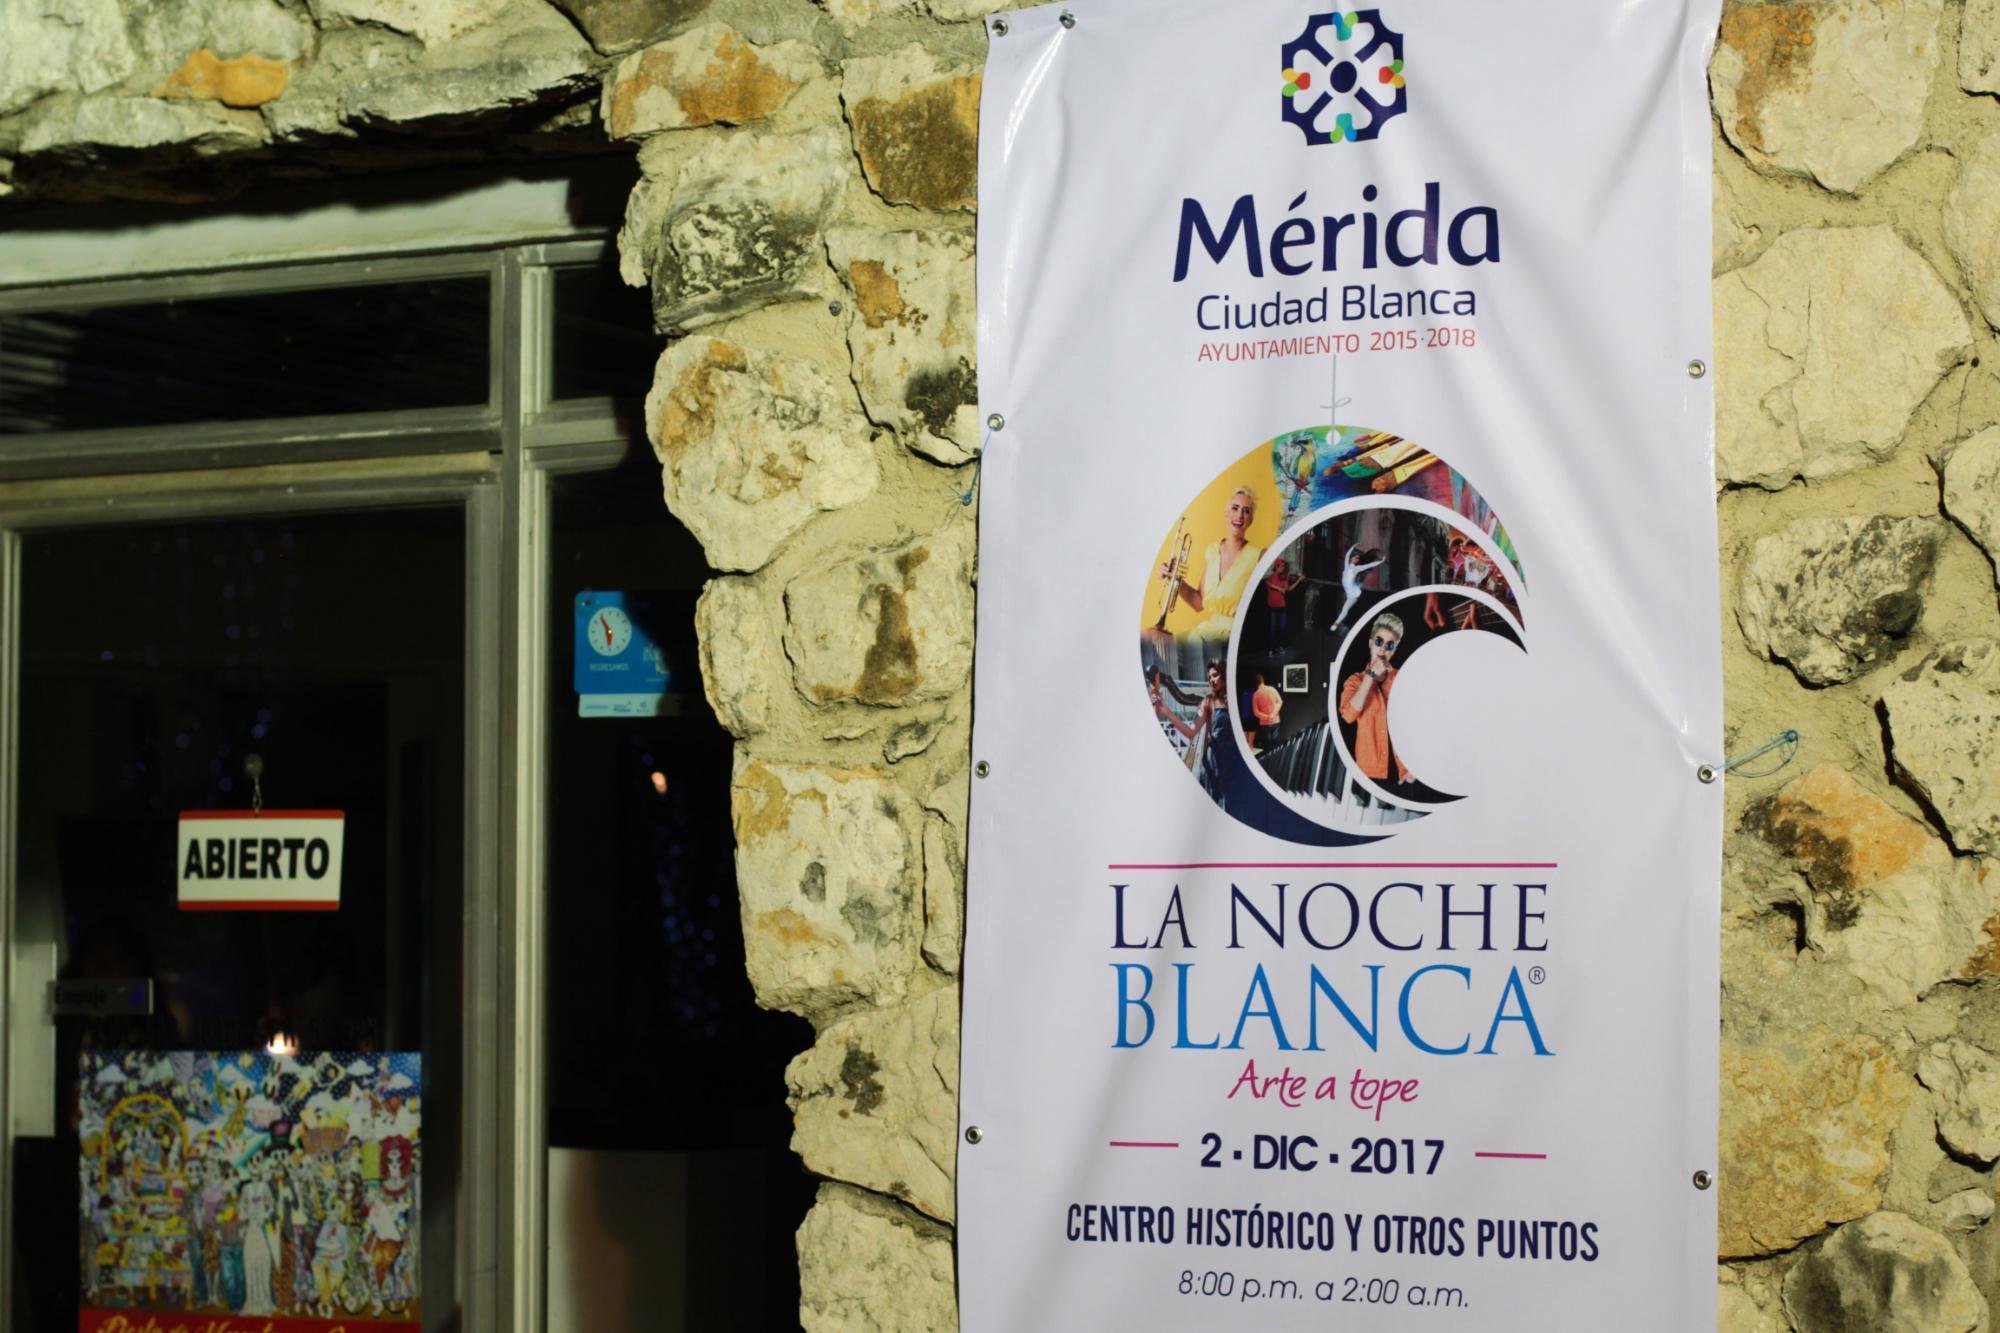 Noche Blanca, superluna, Xmatkuil… no verás de nuevo junto todo esto en Mérida